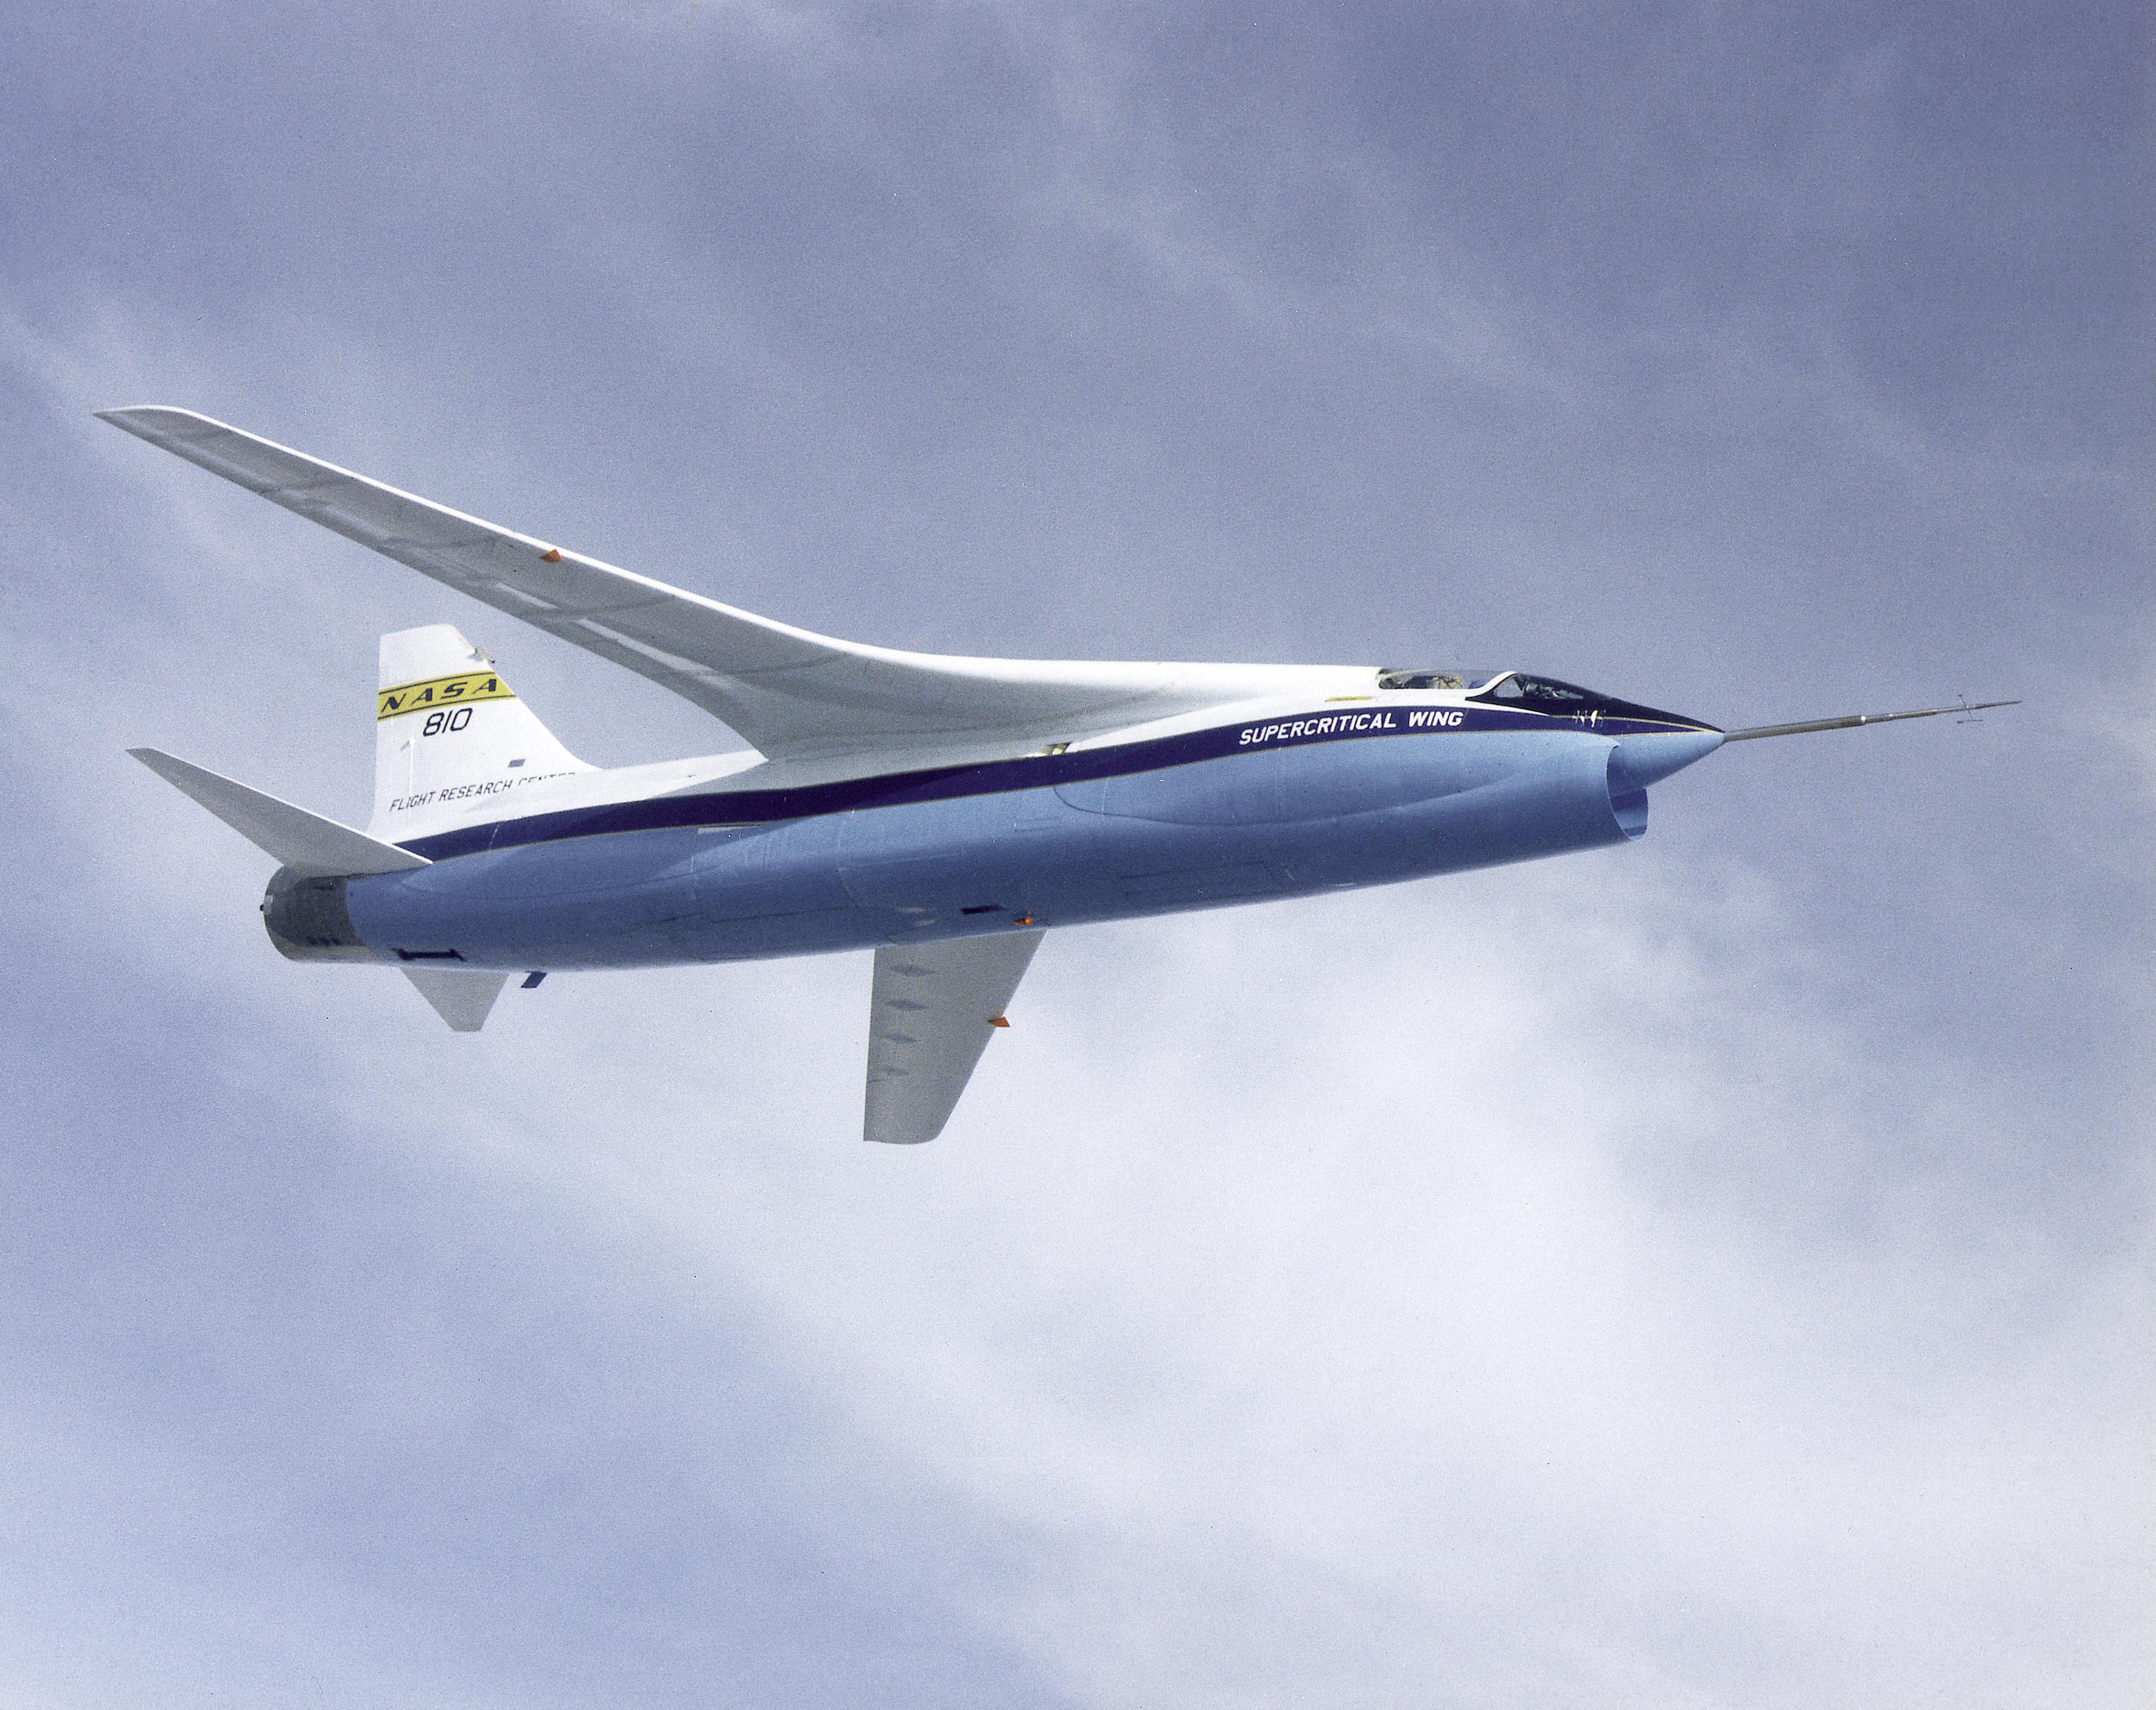 File:NASA F-8A Crusader Supercritical Wing Aircraft - GPN ...